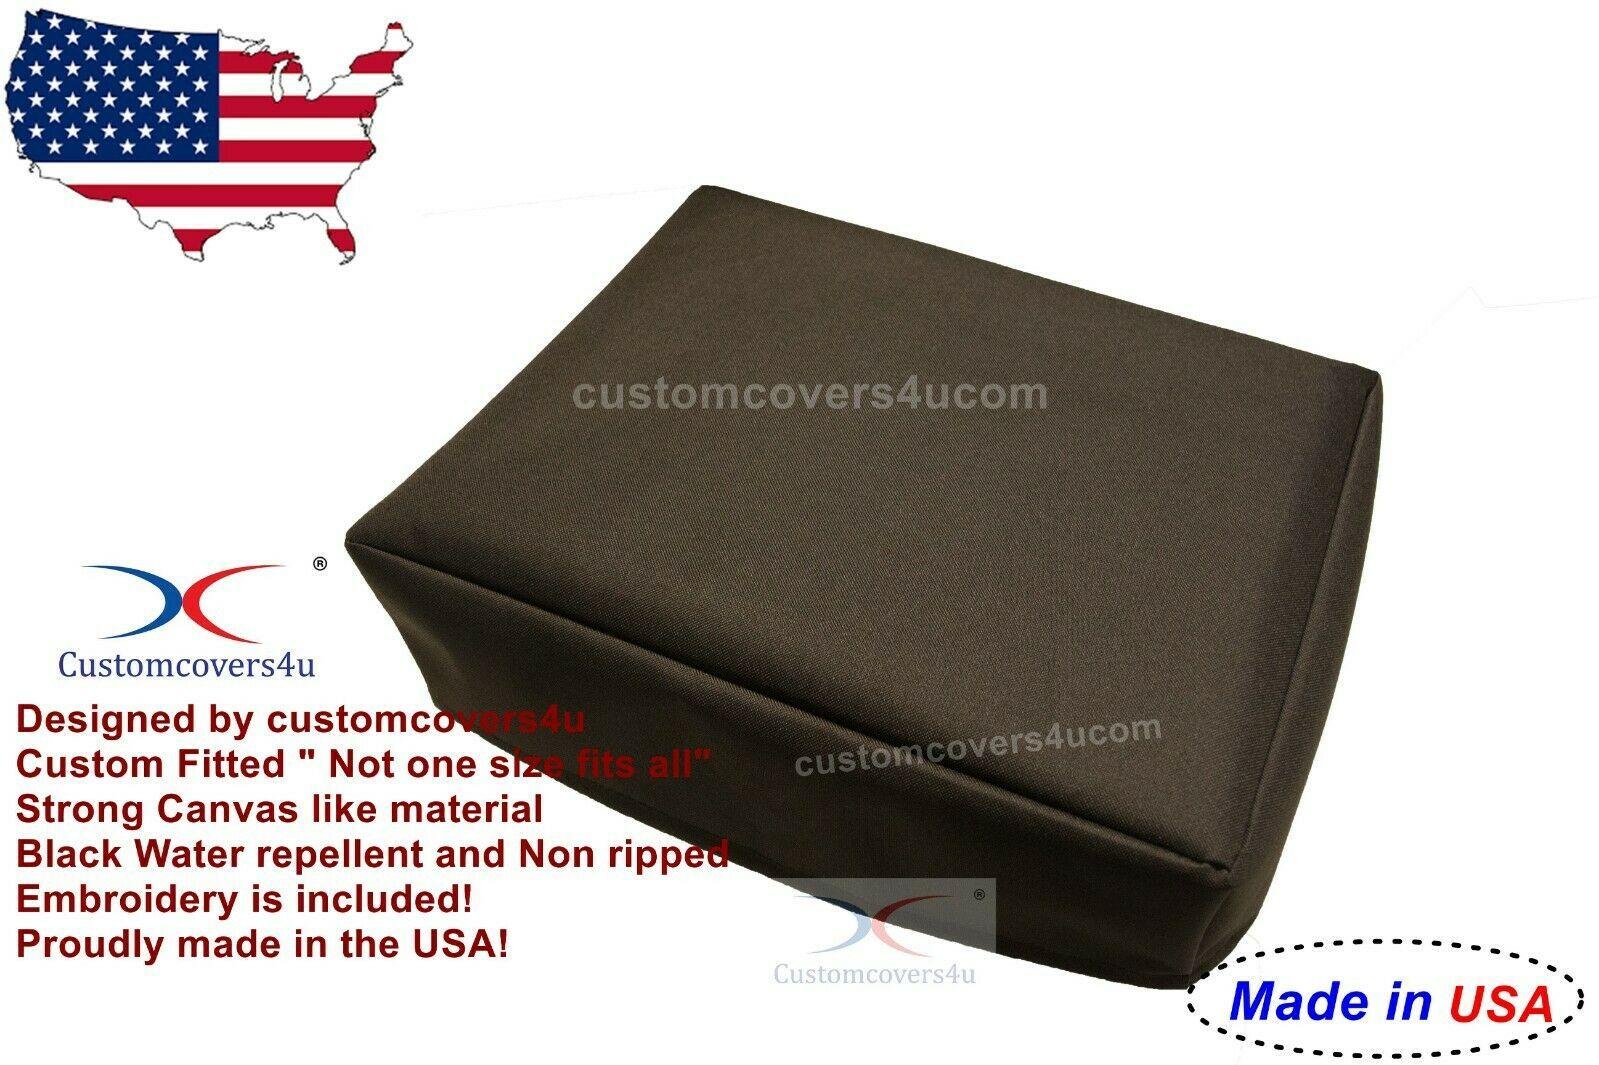 Custom Dust Cover for Denon AVR-S920W 7.2Channel Full 4K Ultra HD AV Receiver - $23.74